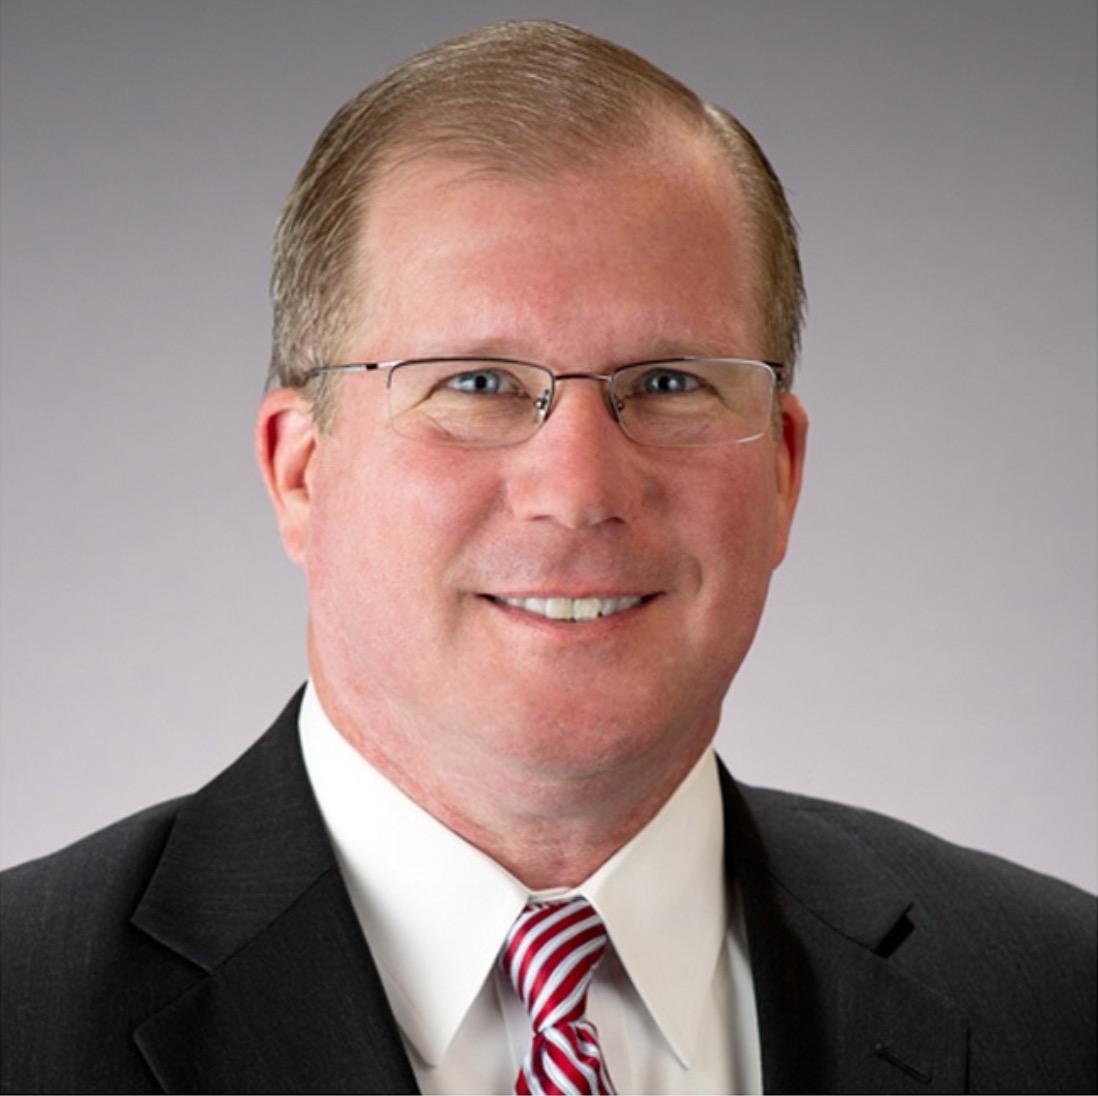 Vince O'Neill